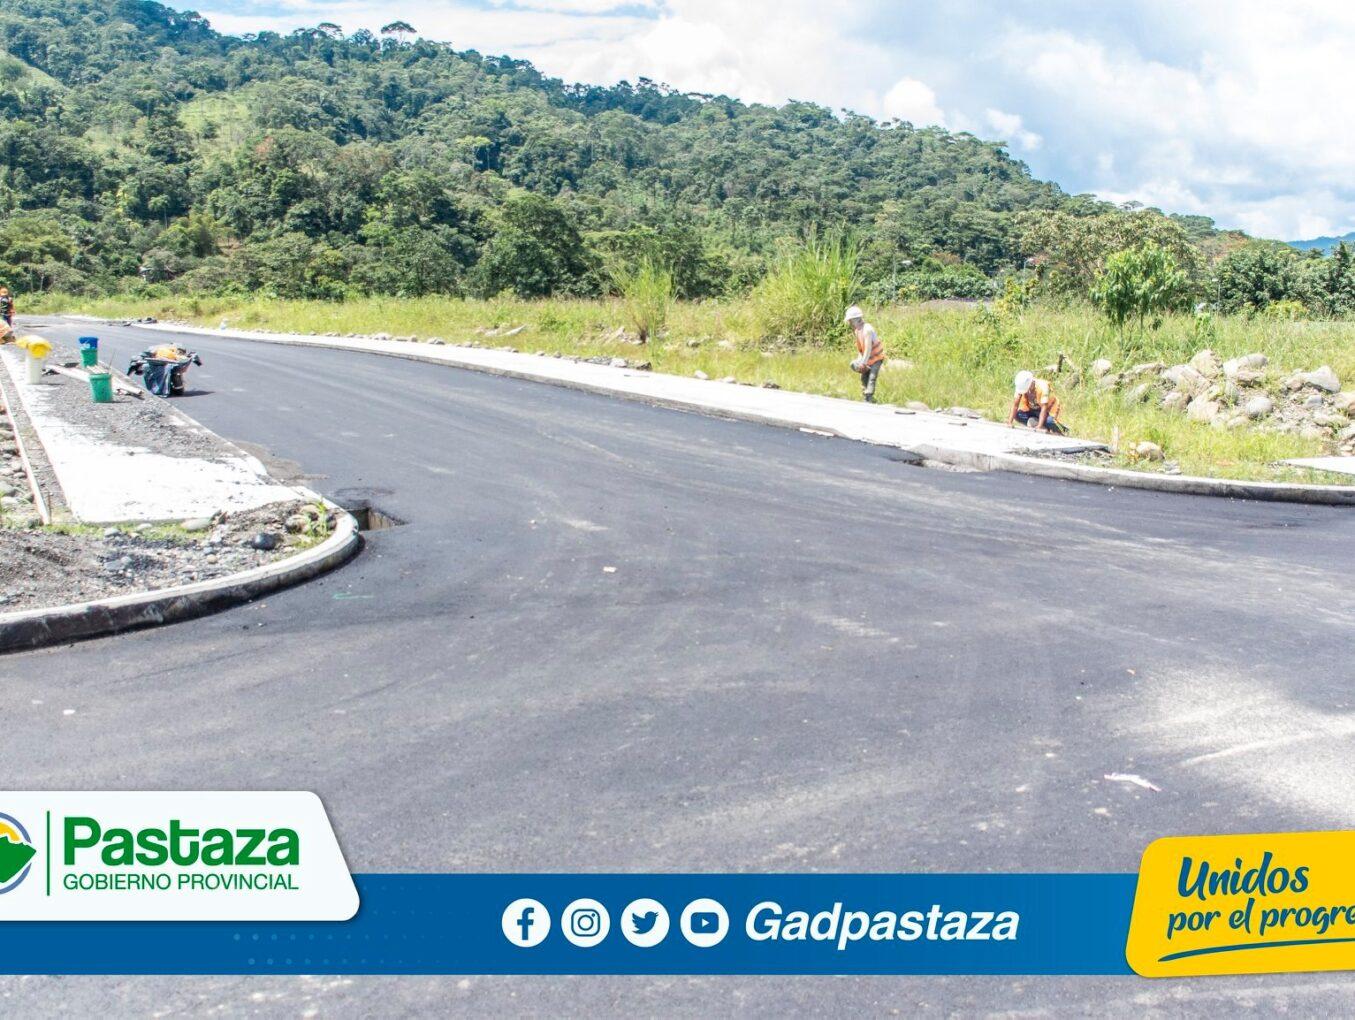 El trabajo de asfaltado en el barrio Las Playas avanza según cronograma